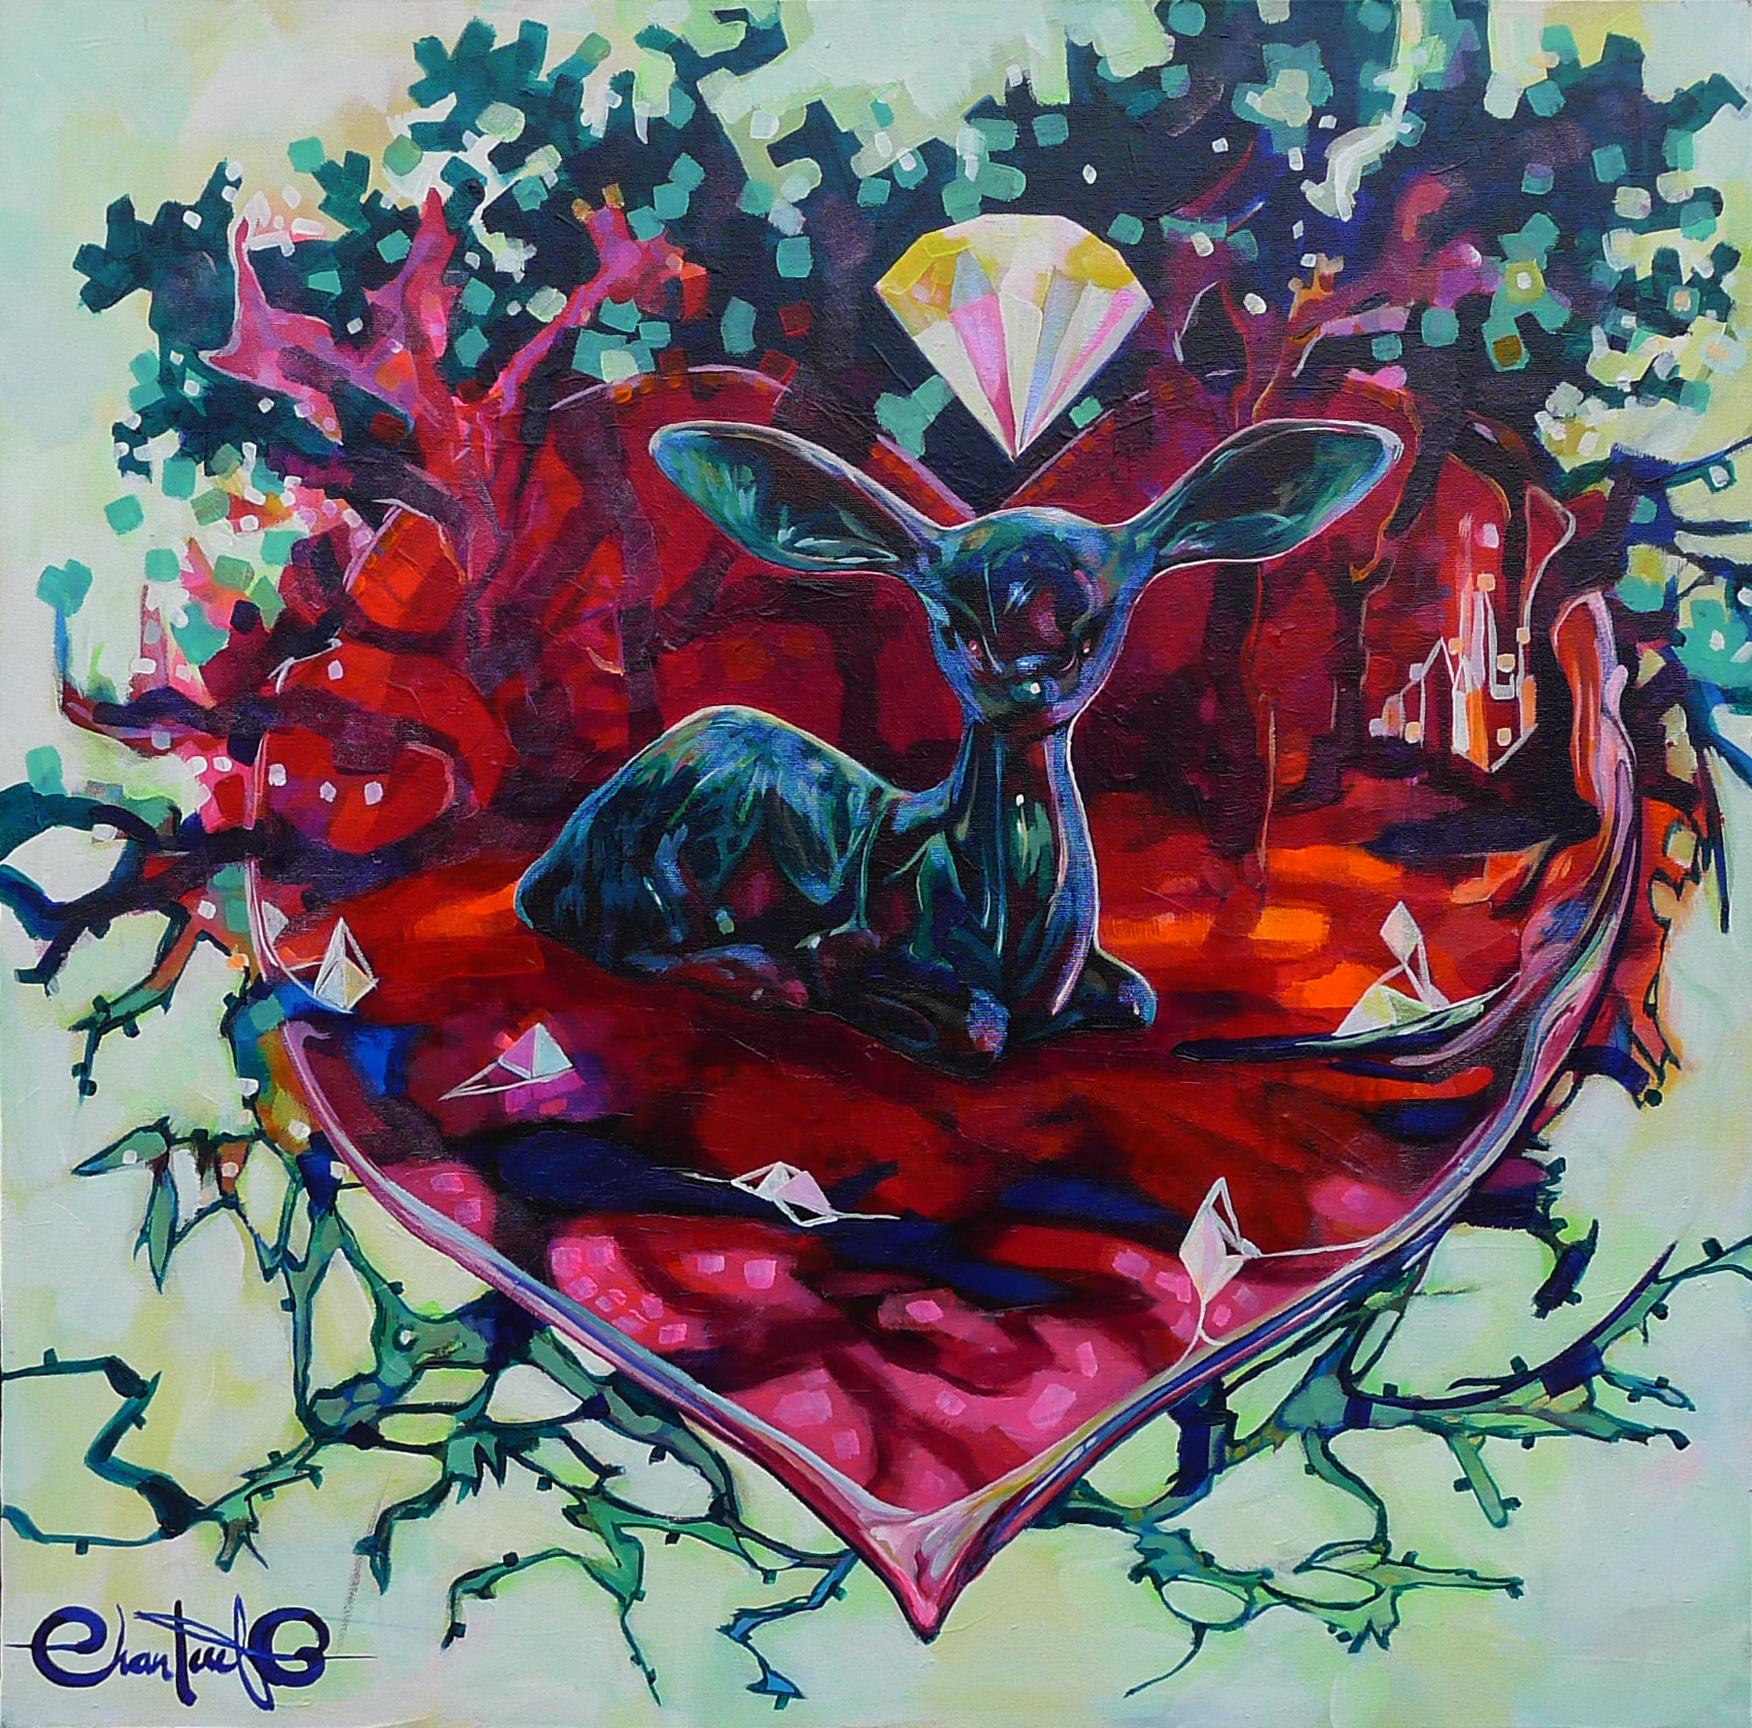 Le coeur de la foret